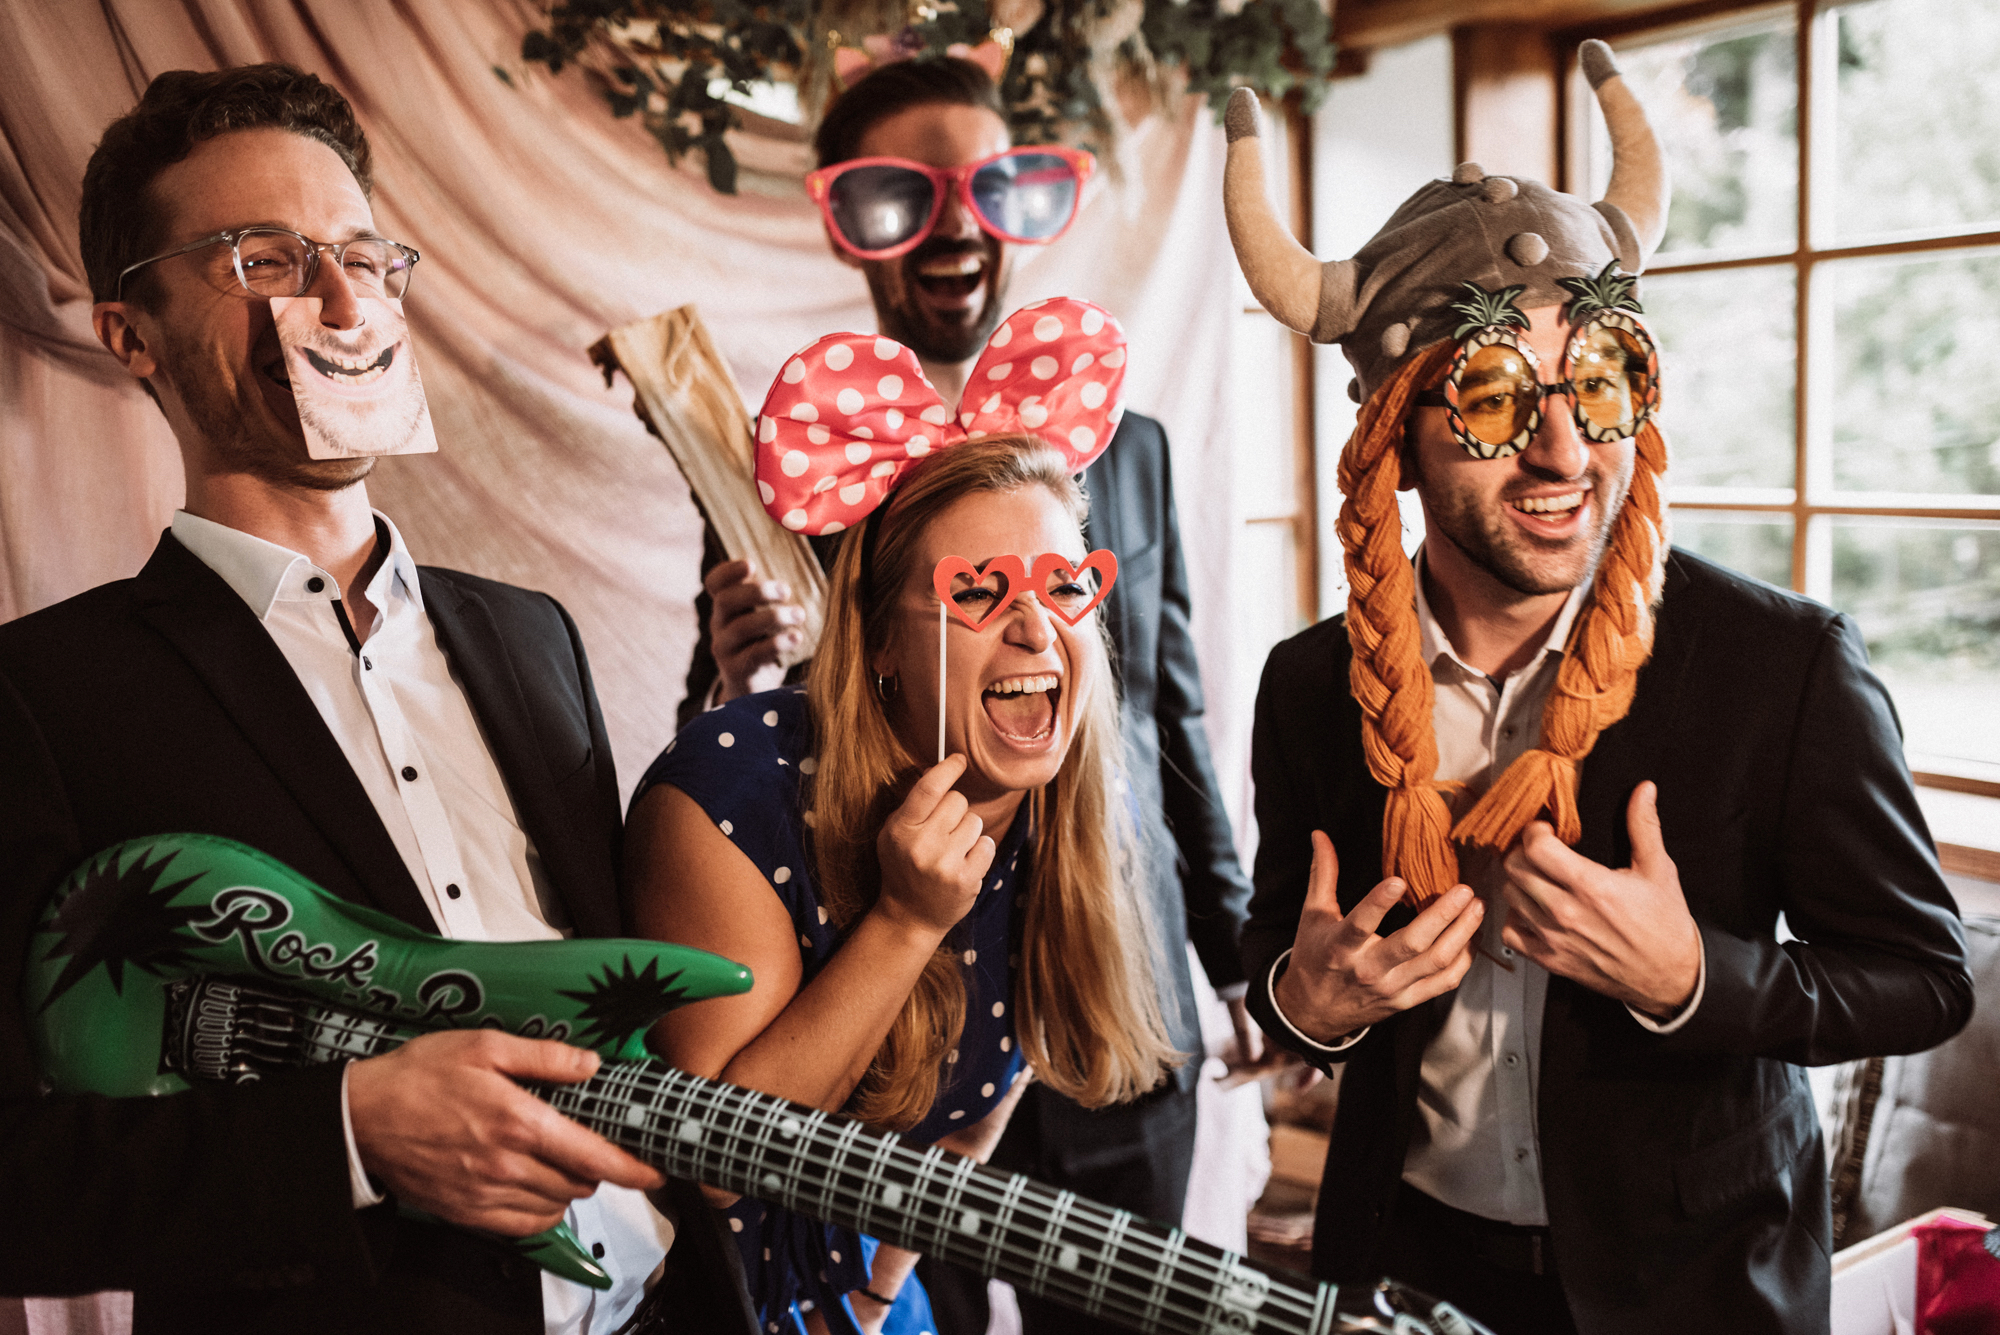 Hochzeitsband München, Bolandi Trio mit Sängerin Regy, auf einer Hüttenhochzeit 2020 in Bayern